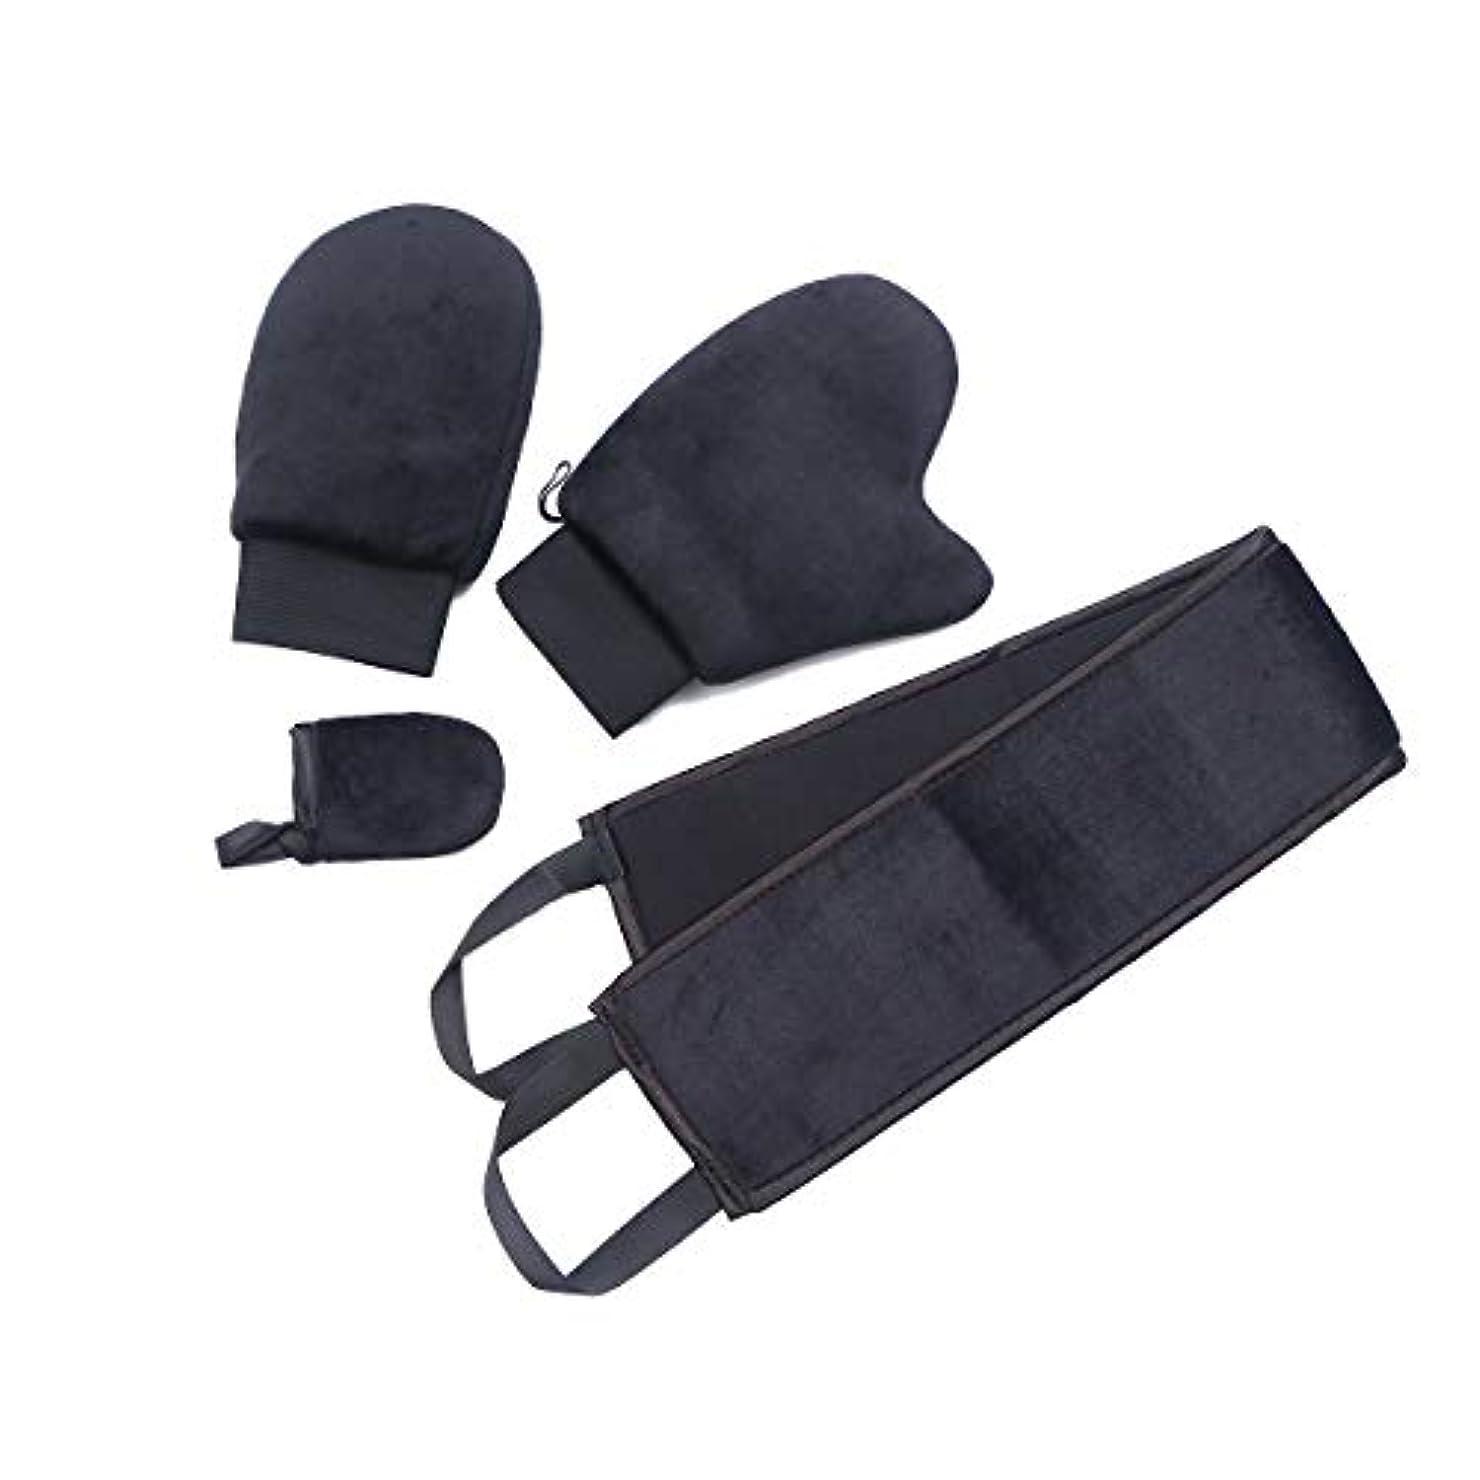 楽しませる餌すきSUPVOX 4ピース化粧落とし手袋こすり手袋顔面クリーニングタオル布スパミットソフト洗浄ツール